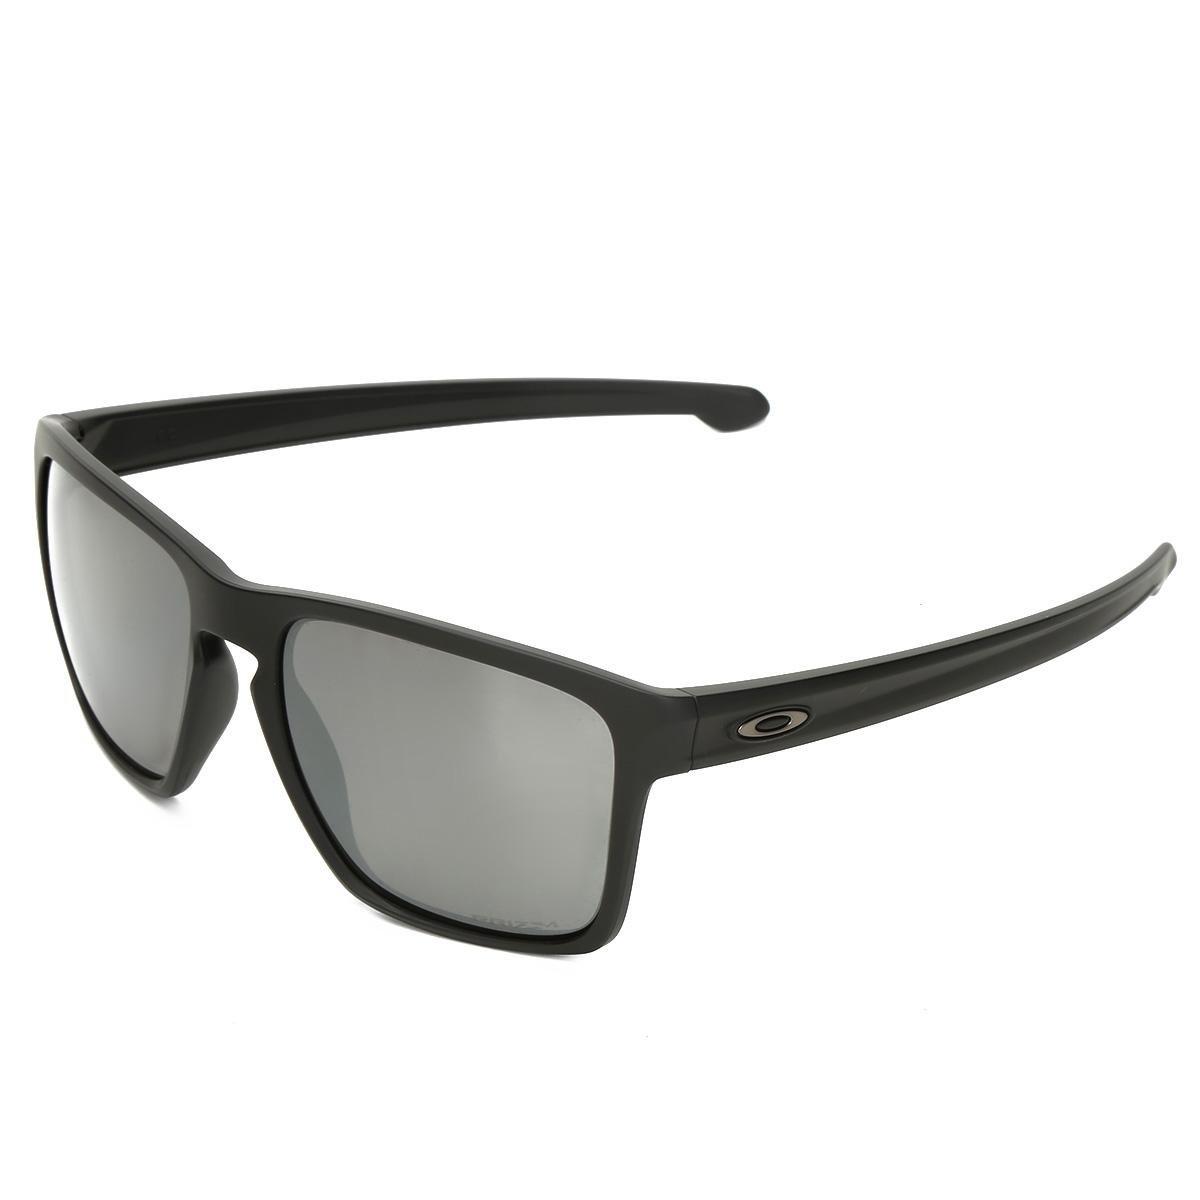 Óculos Oakley Sliver Xl - Compre Agora   Netshoes 771940975d